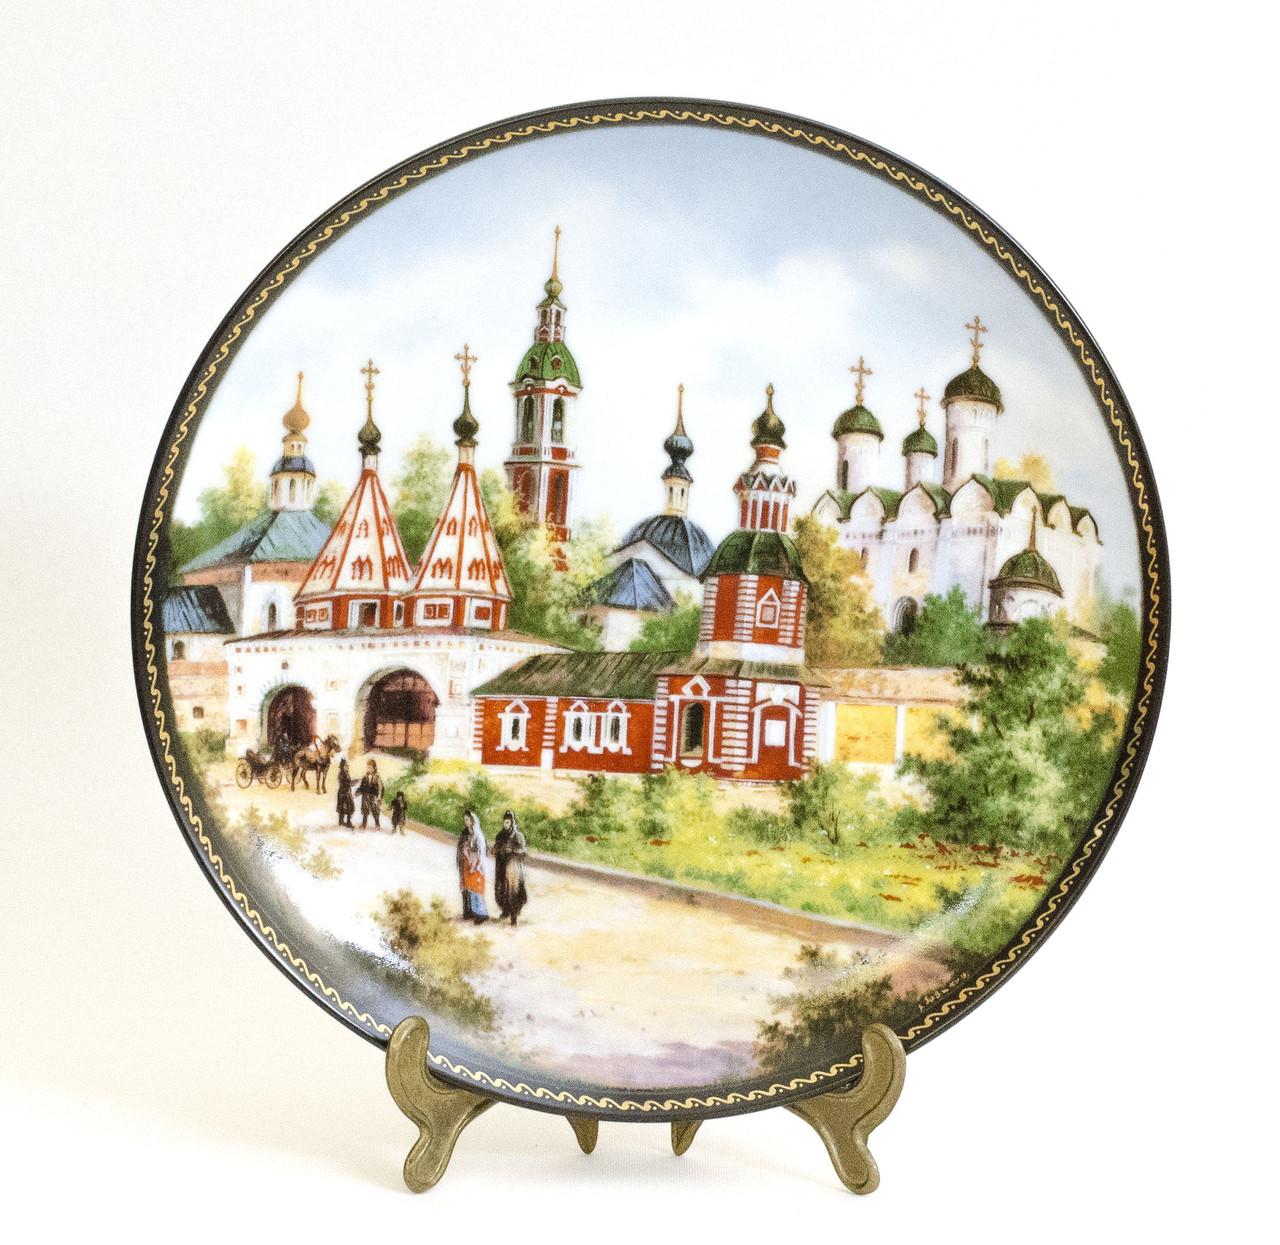 Фарфор, тарелка настенная Суздаль - сокровищница Золотого кольца, 1991 год, Юрий Дубовихов